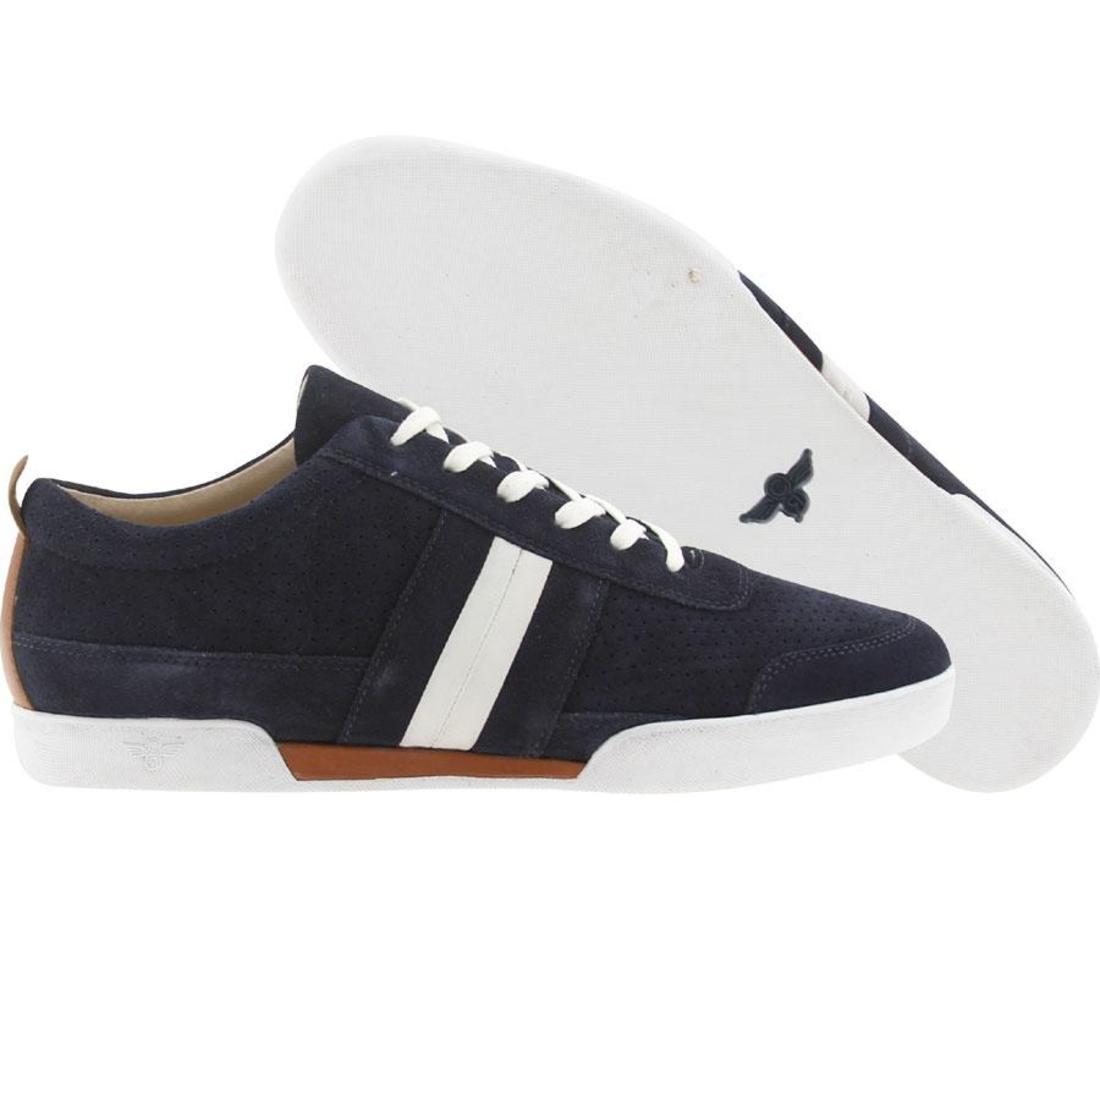 【海外限定】セレクト メンズ靴 スニーカー 【 SELECT CREATIVE RECREATION PACELLI NAVY 】